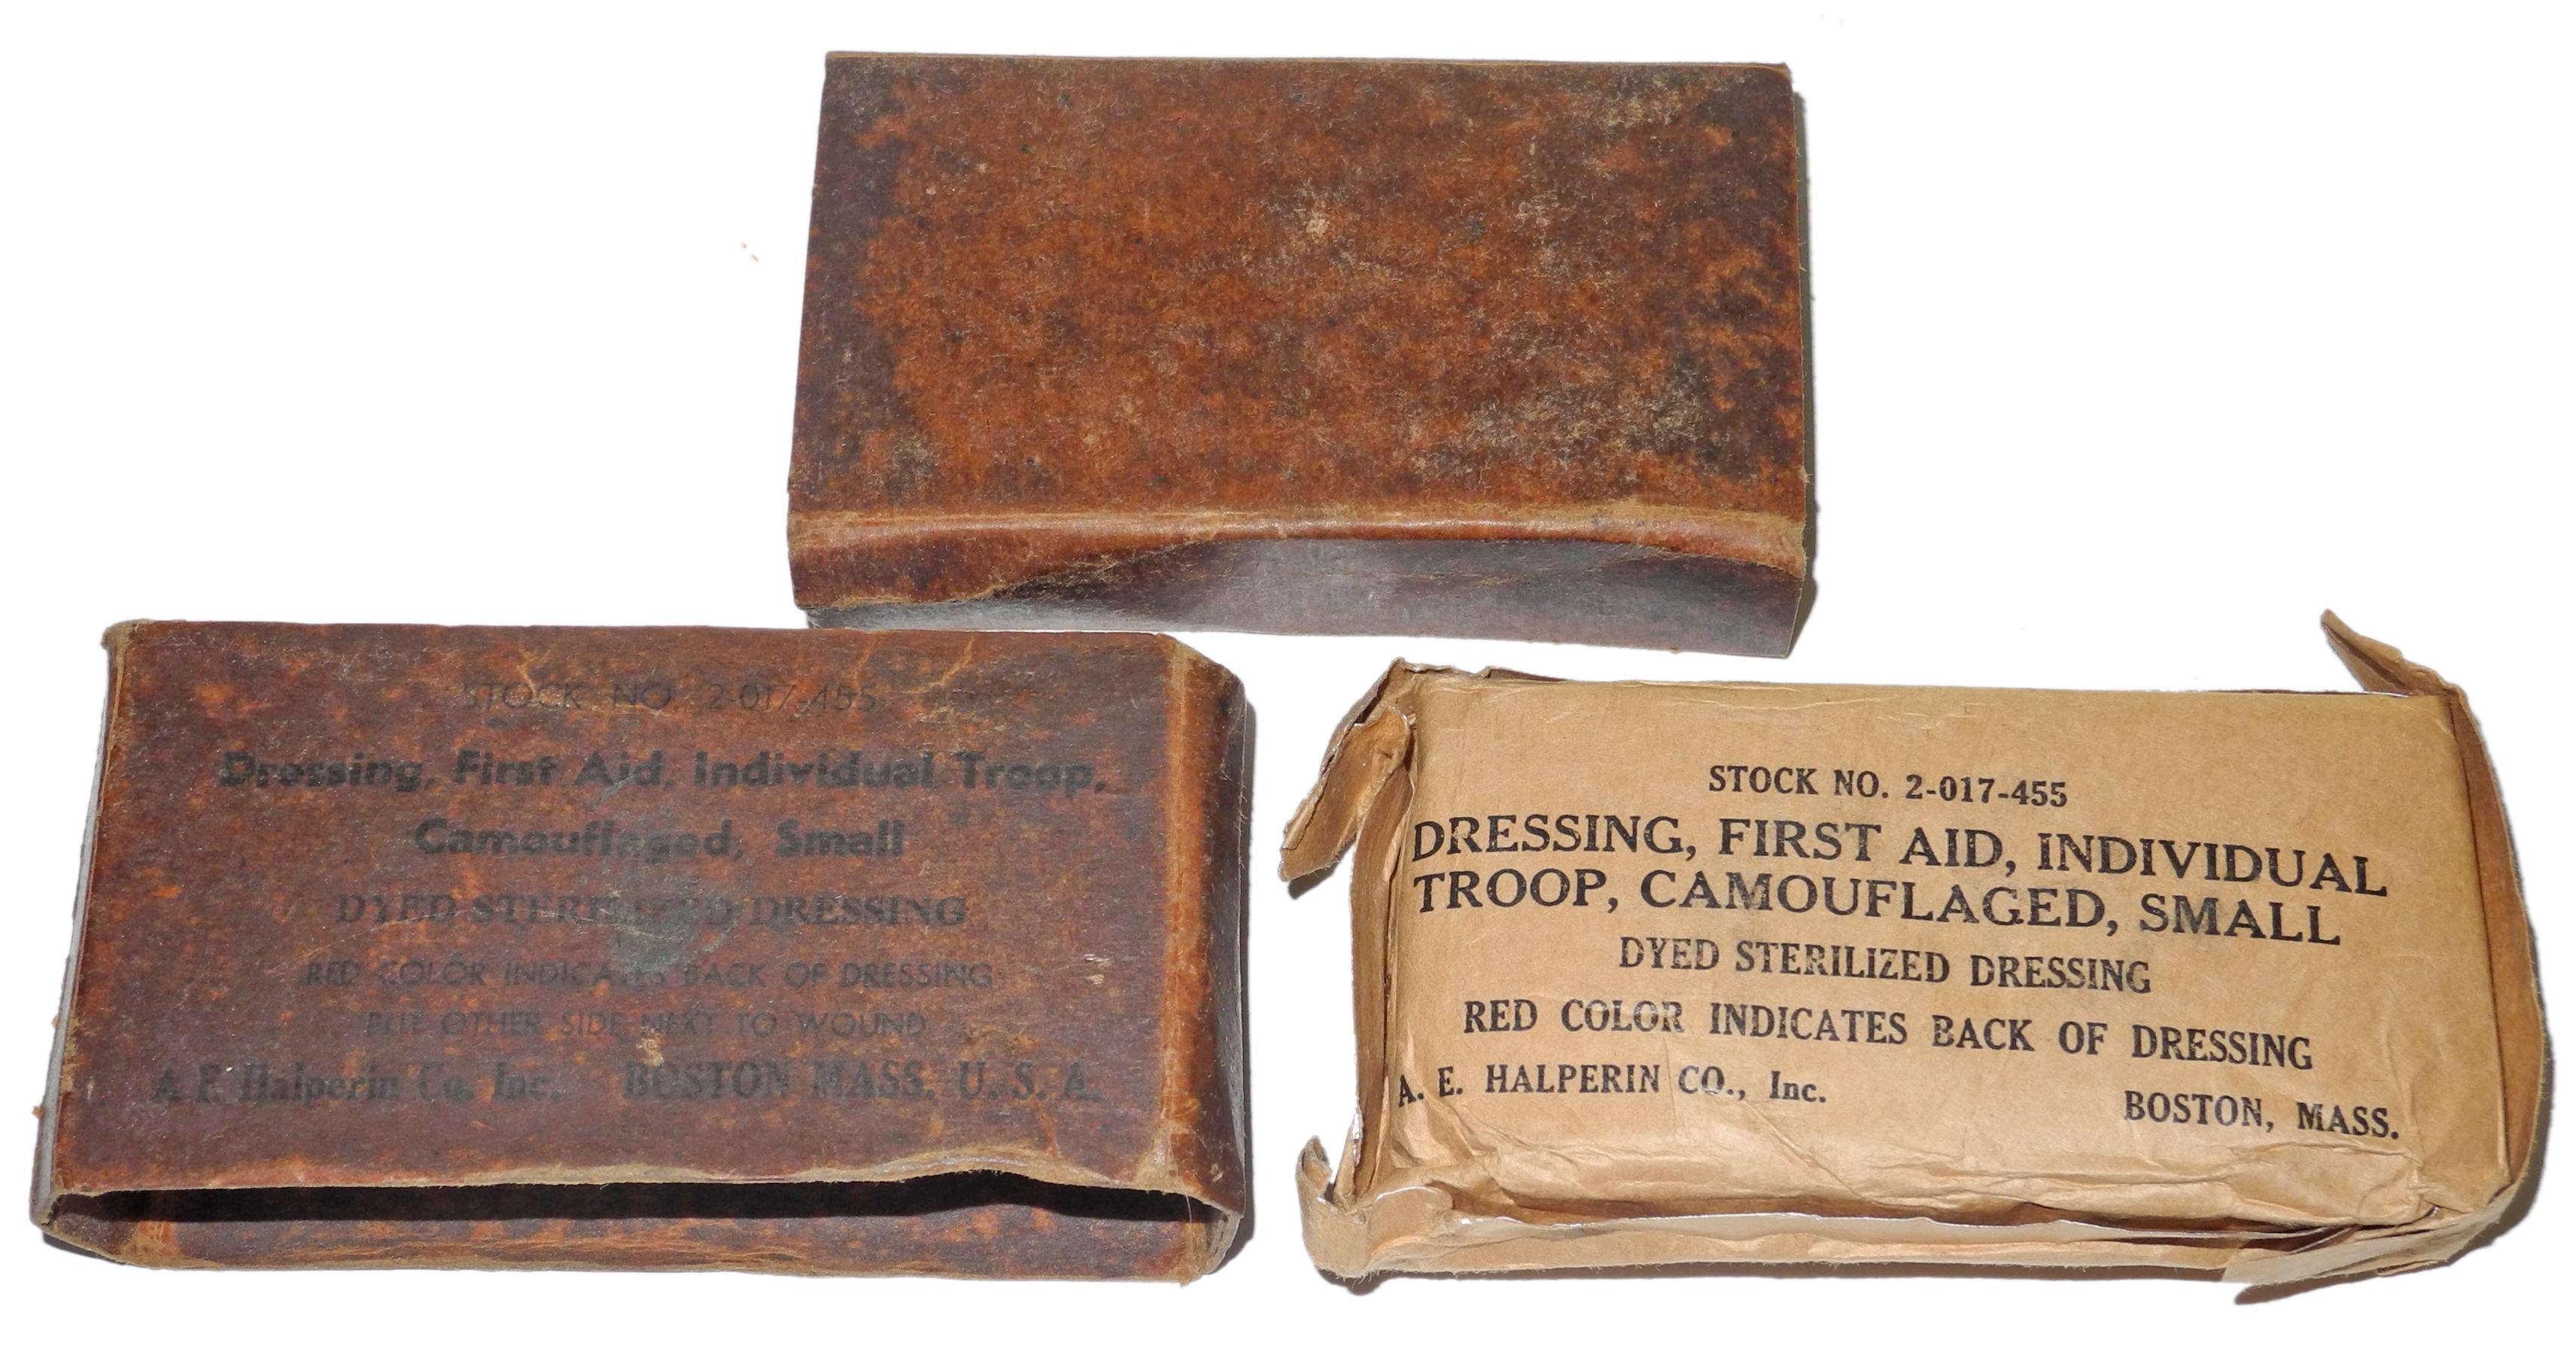 WWII US Army camo wound dressing